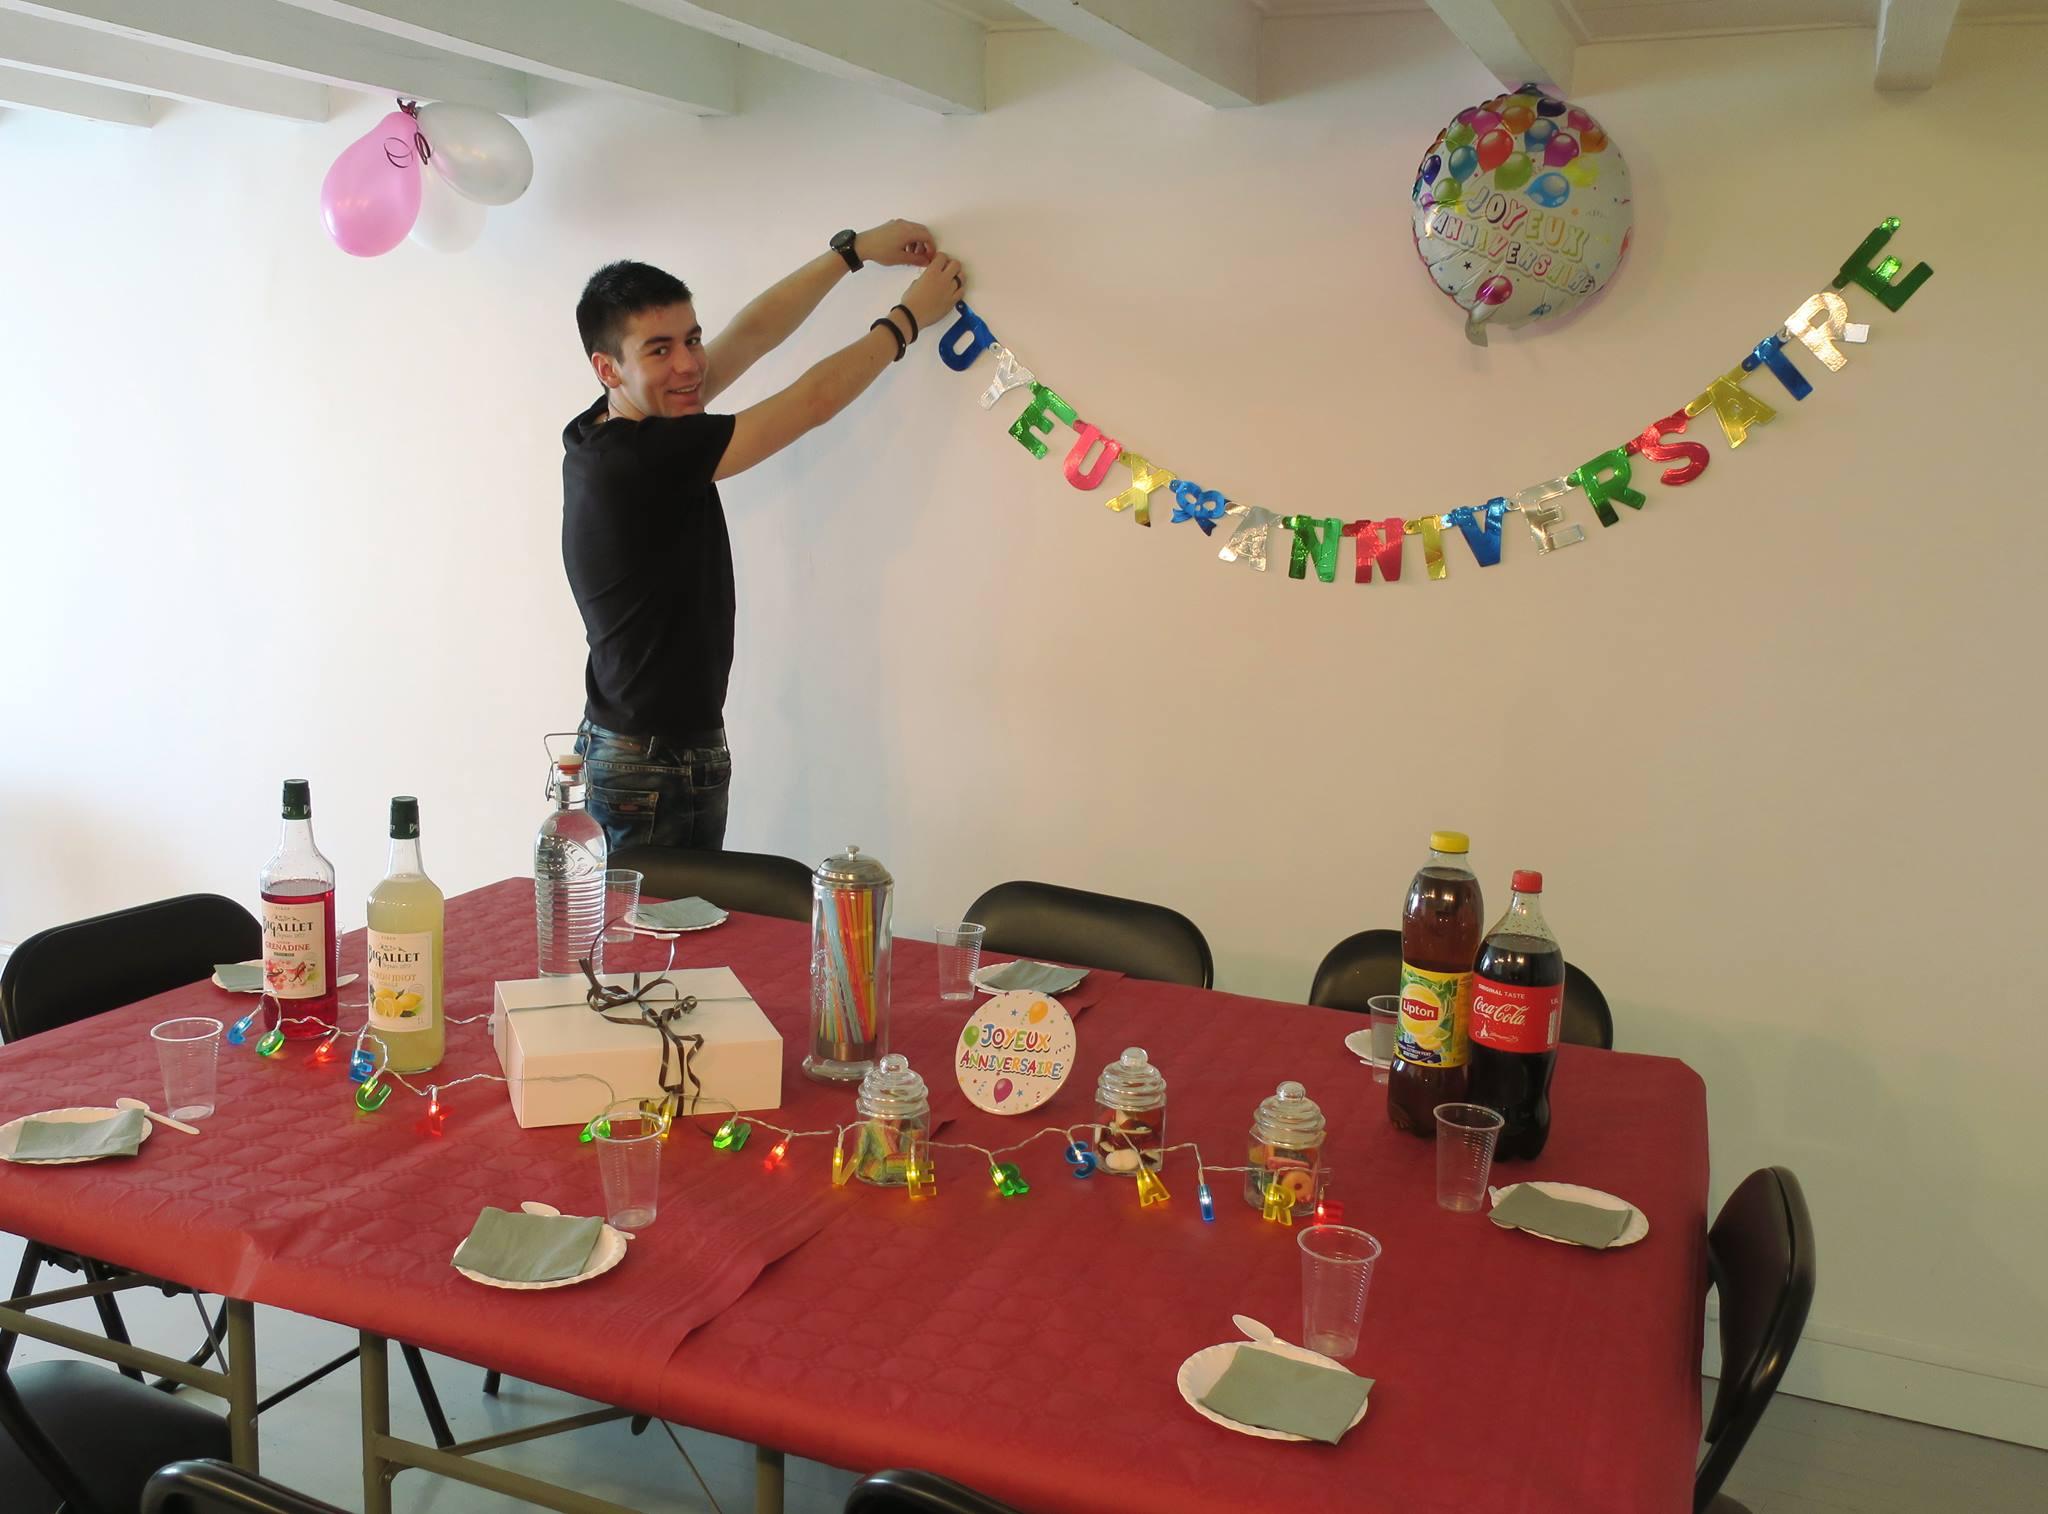 Préparation salle pour goûter d'anniversaire aprés escape game